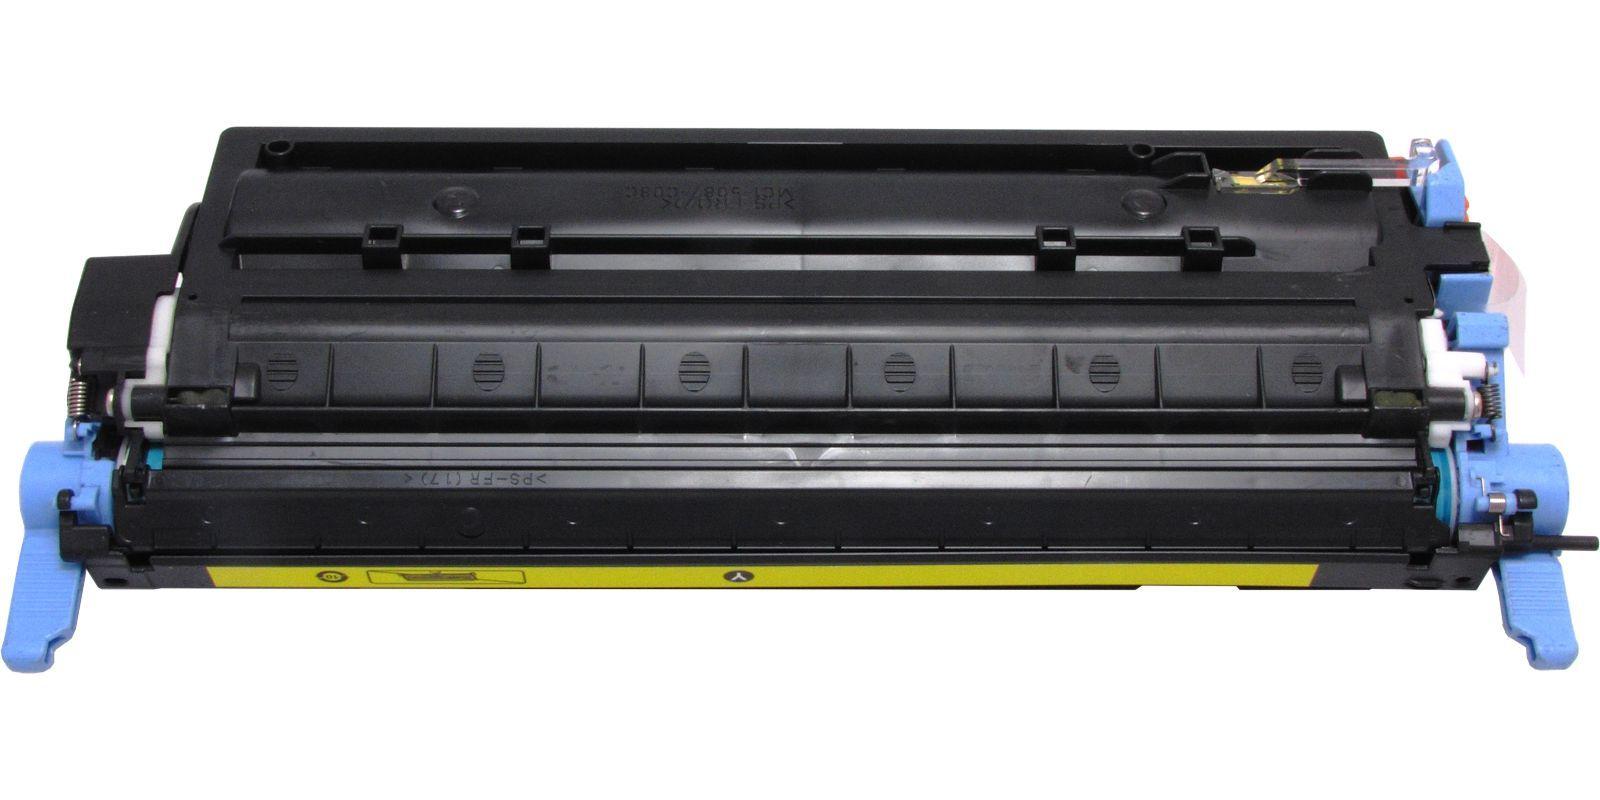 Картридж лазерный цветной MAK© 124A Q6002A CARTRIDGE-307/707/107 желтый (yellow).